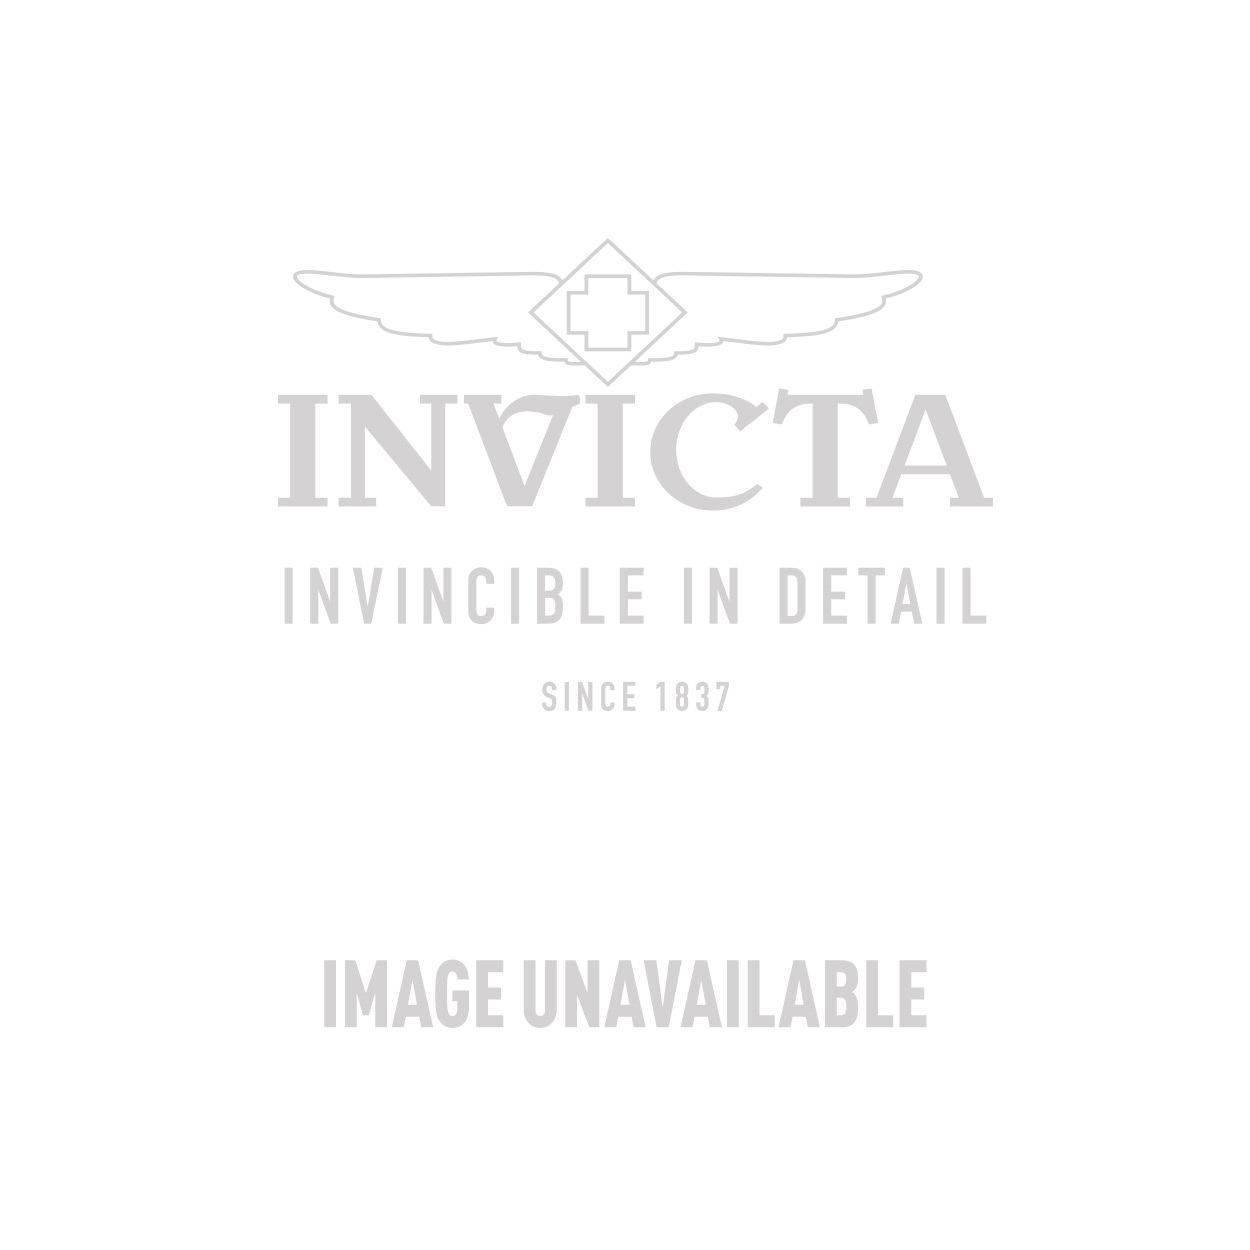 Invicta Model 25333